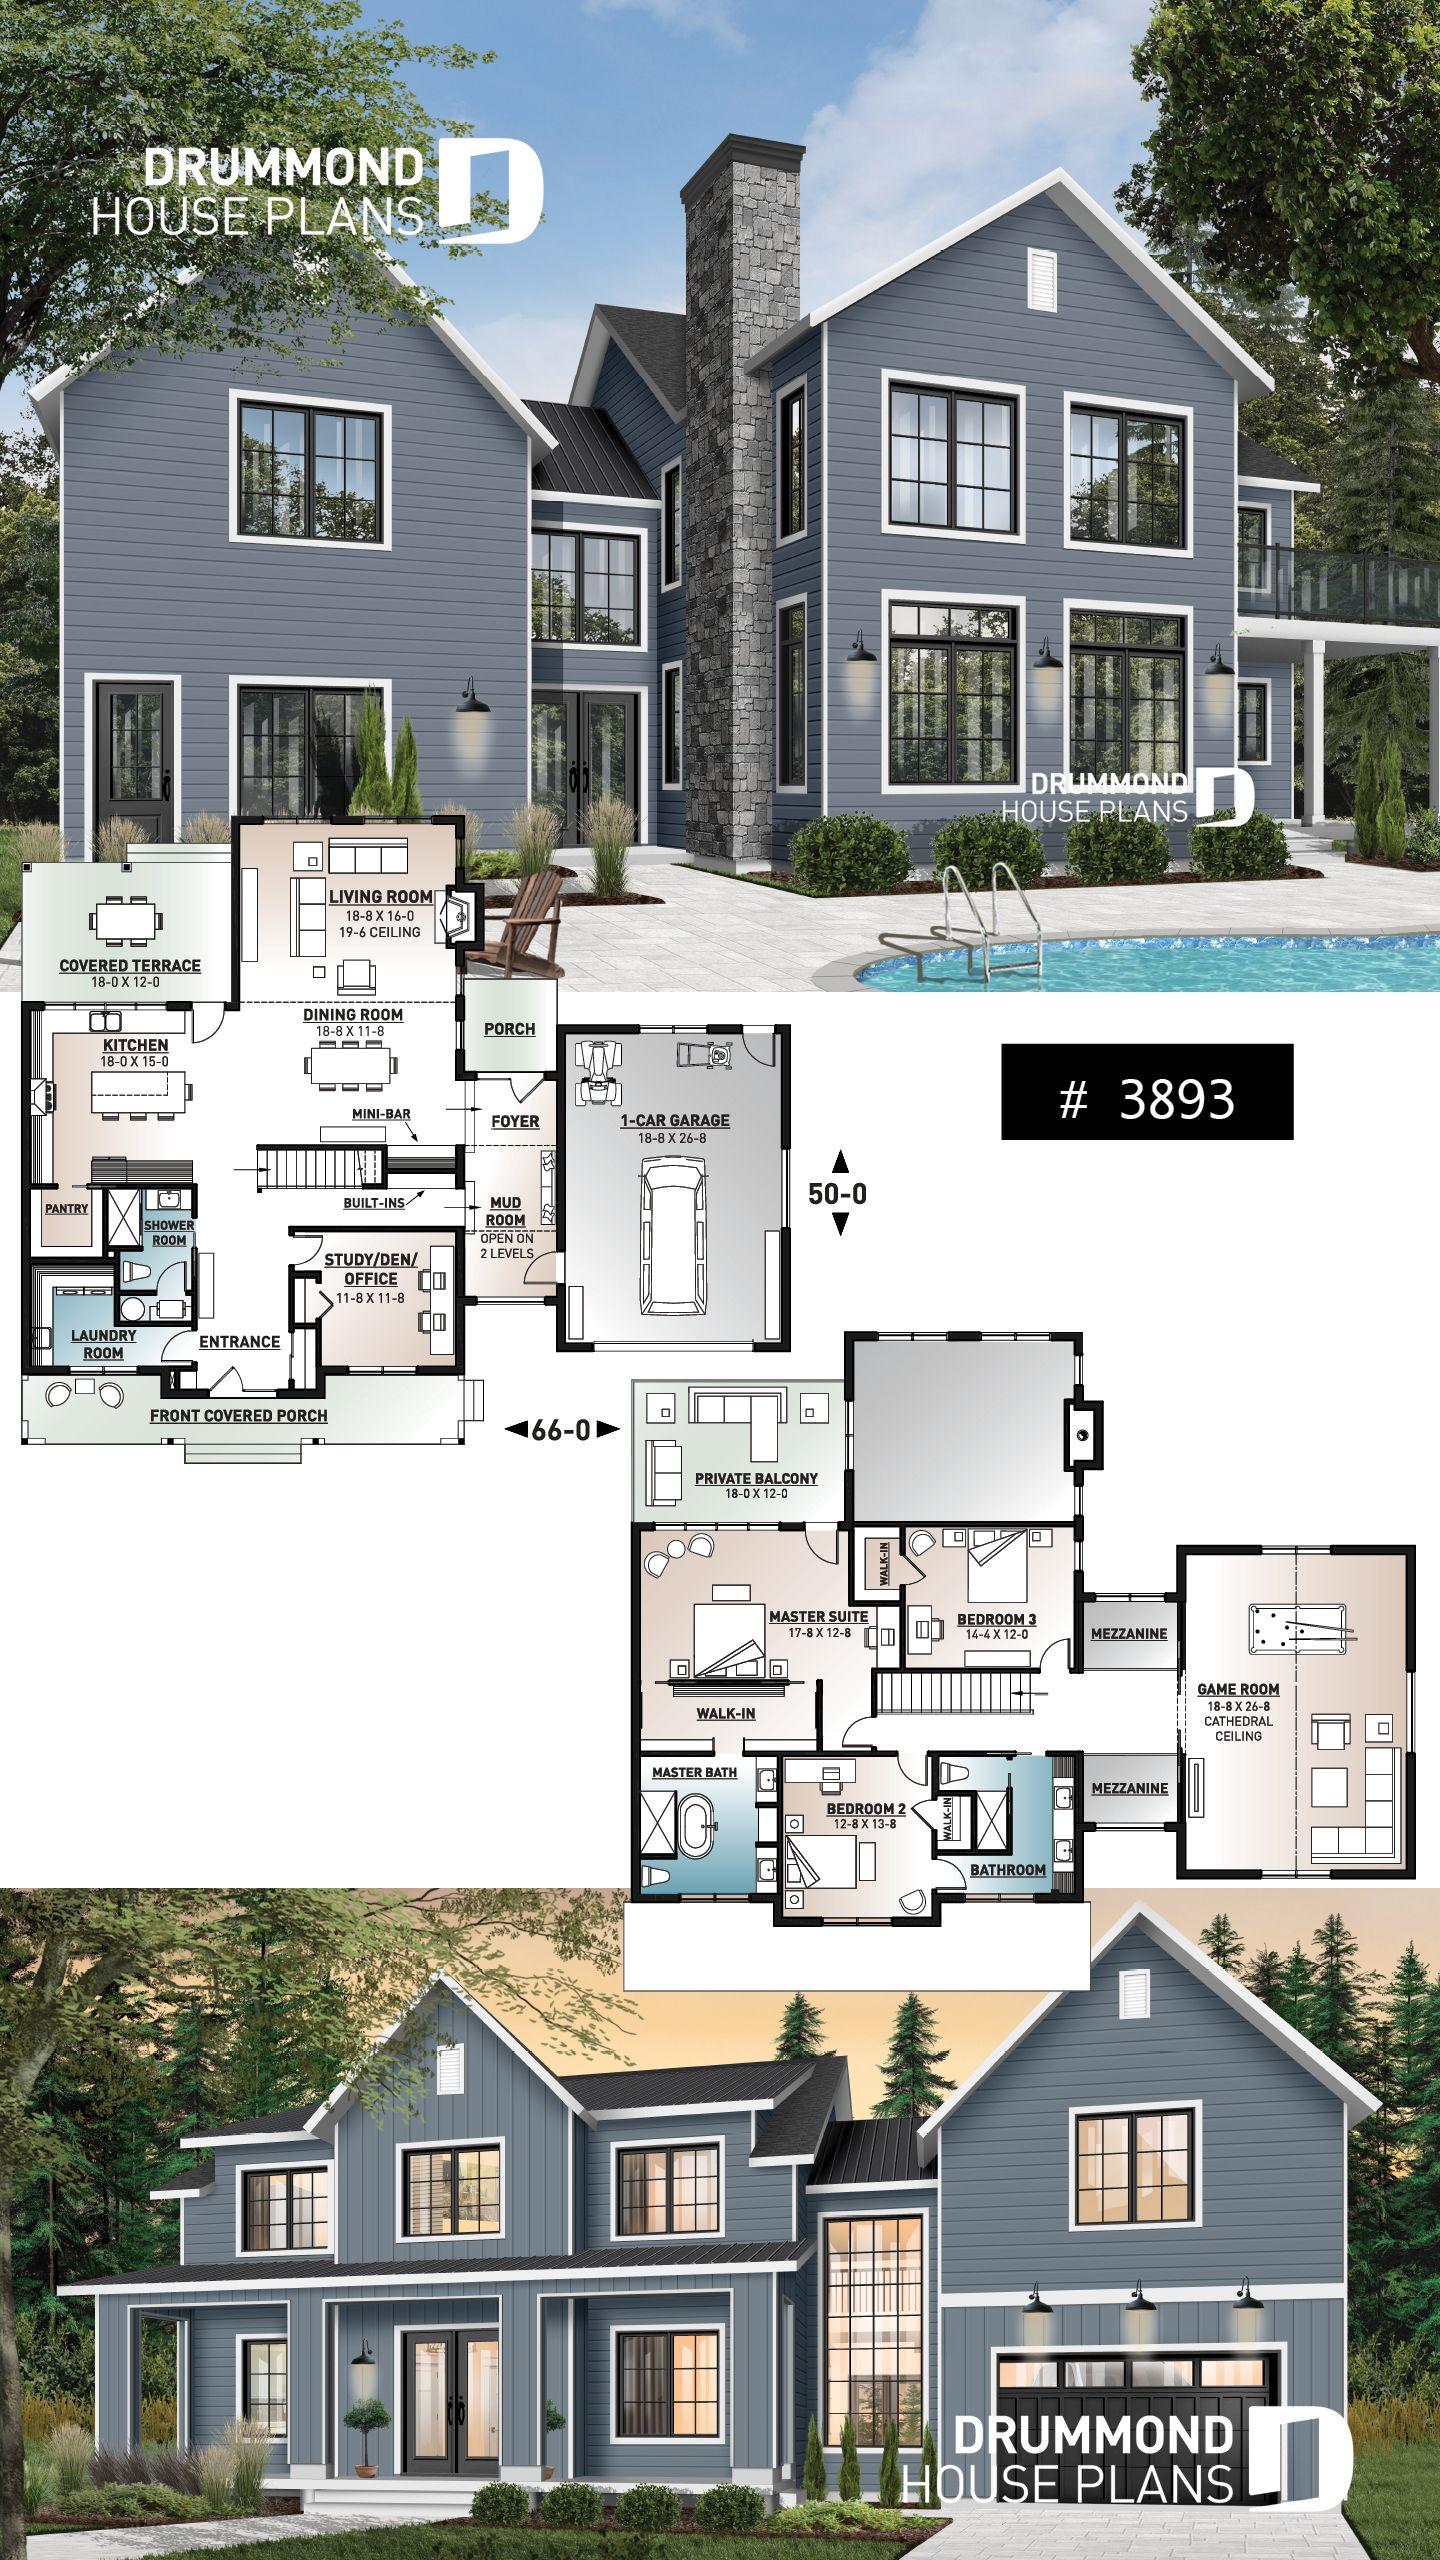 MODERNE LANDWIRTSCHAFT MIT KATZWEG, GARAGE, ABDECKUNG VORNE UND HINTEN, KAMIN   – Modern Farmhouse and Farmhouse Home Plans